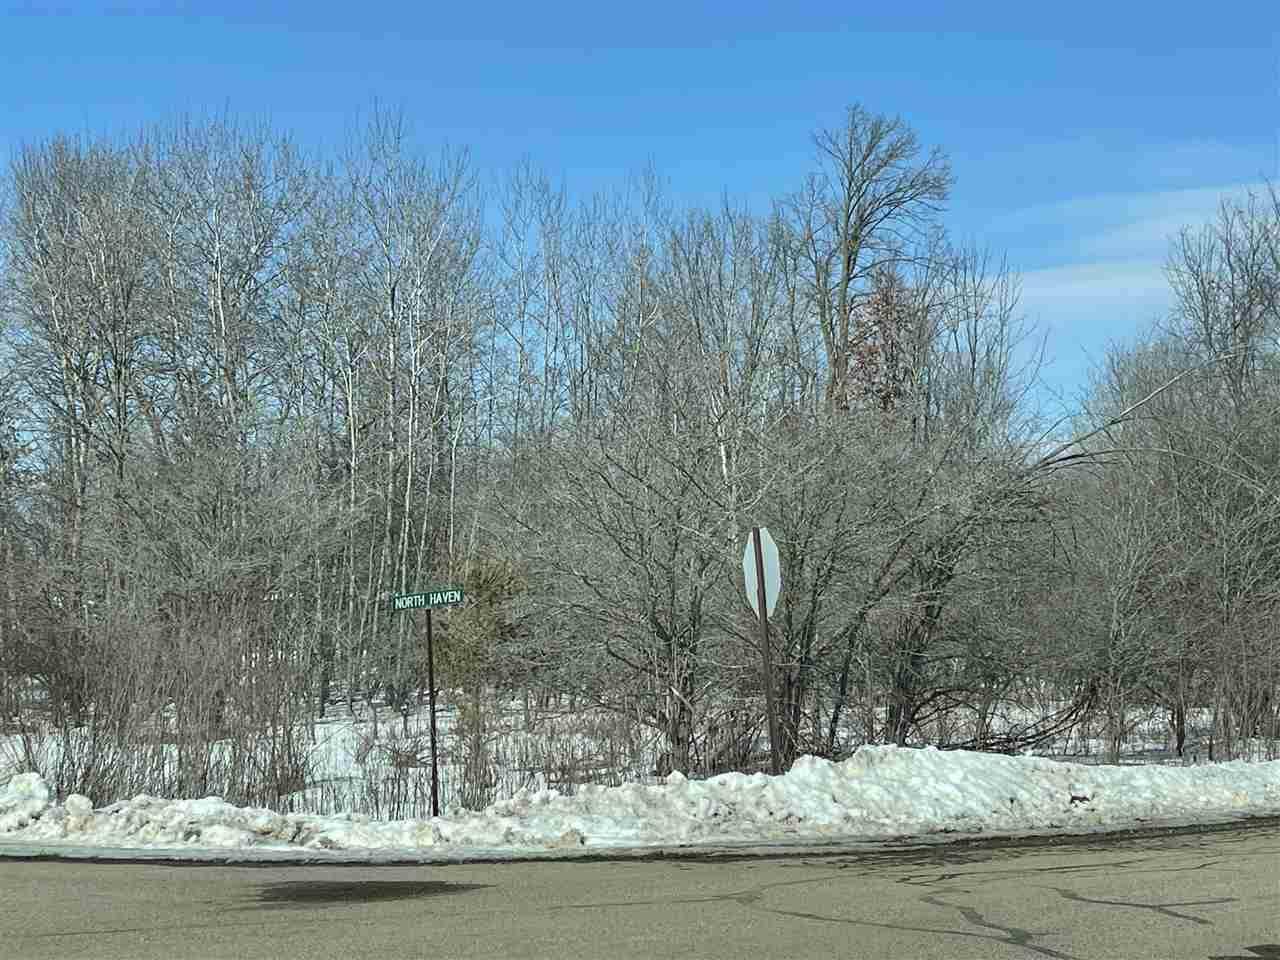 64 North Haven Drive - Photo 1